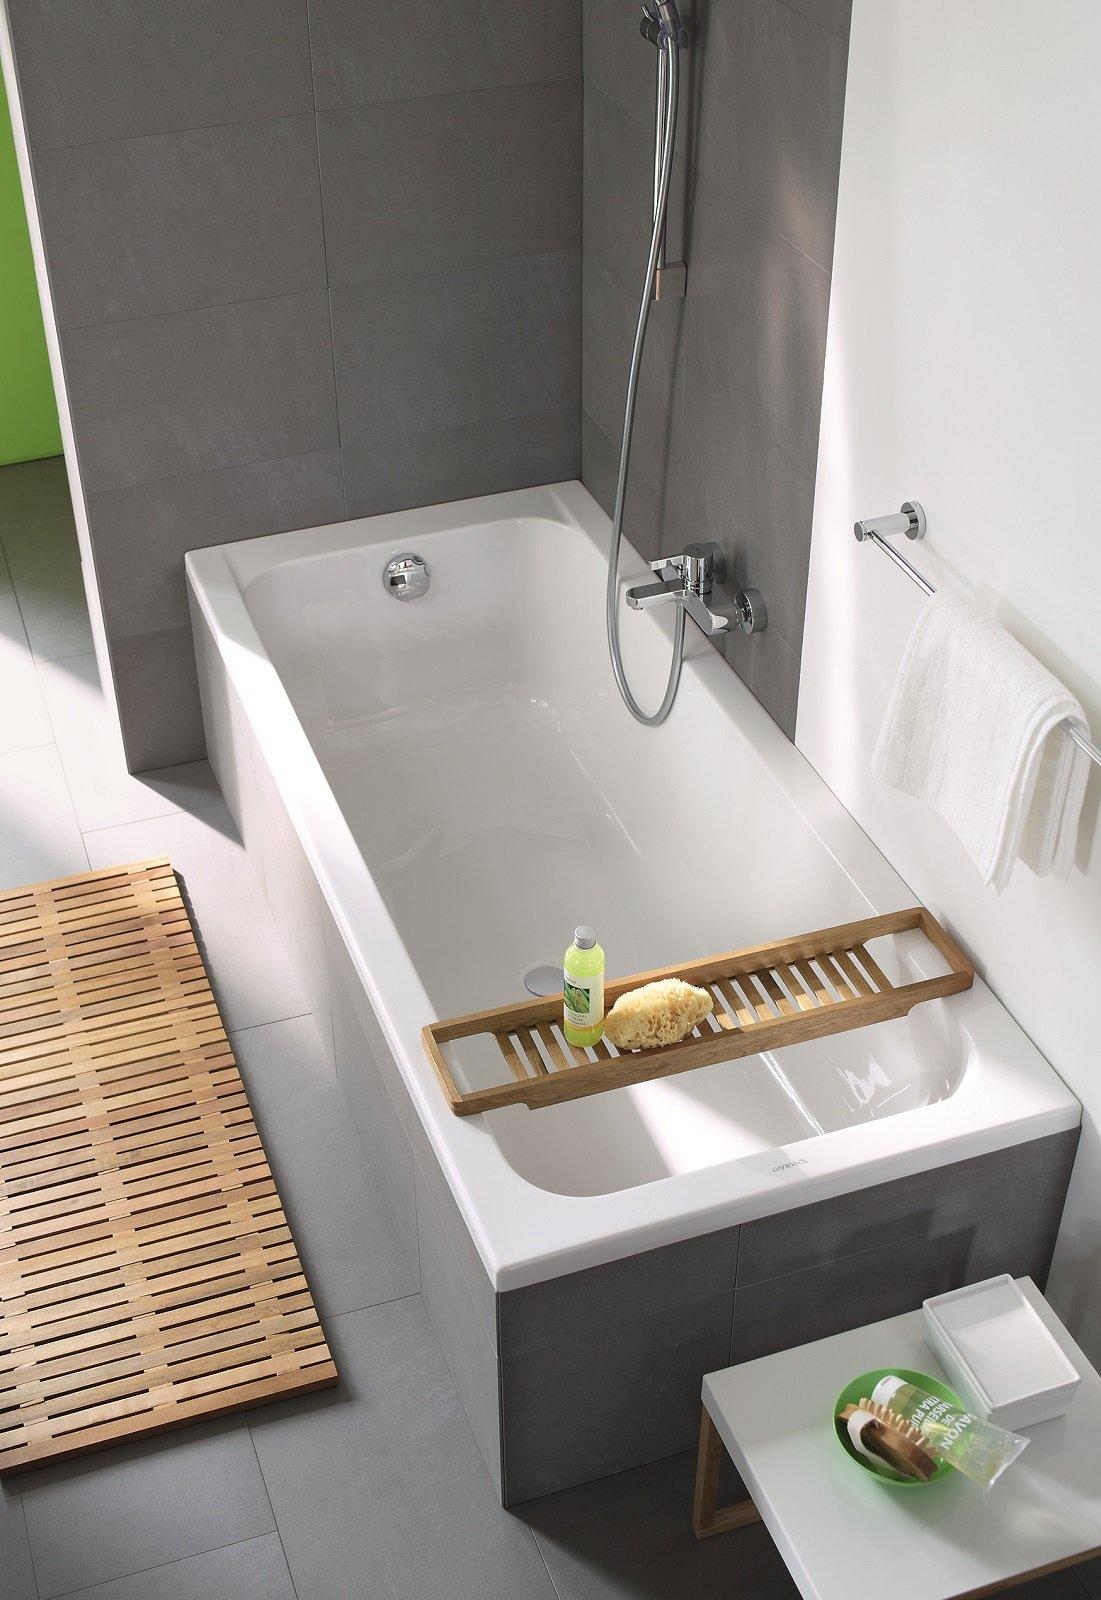 Vasche Di Misura Standard Incasso O Freestanding Con Idromassaggio